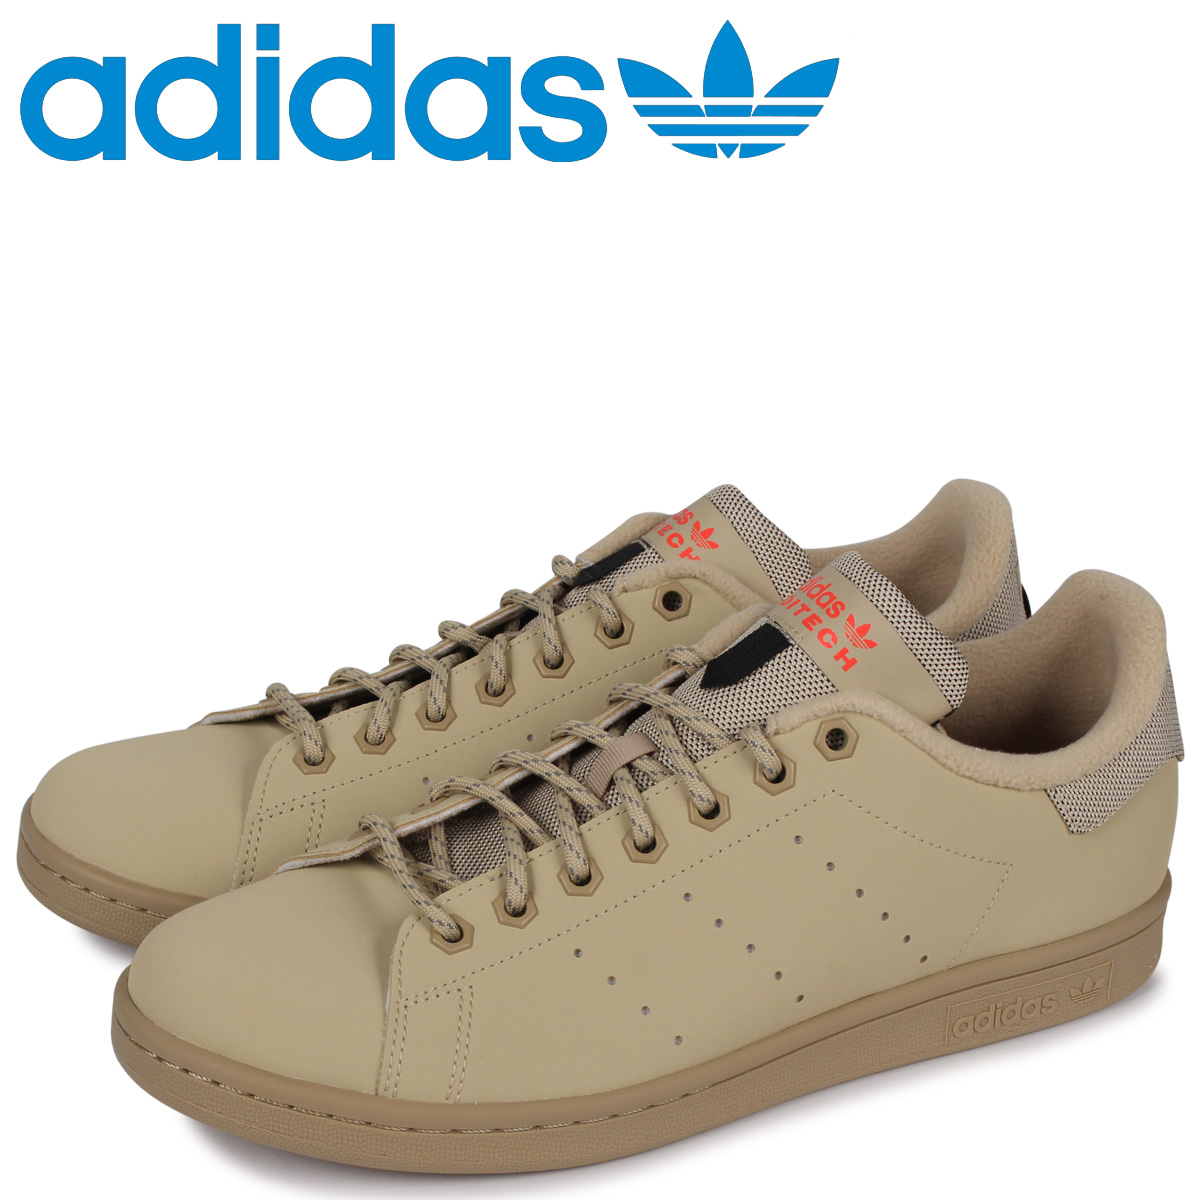 adidas Originals アディダス オリジナルス スタンスミス スニーカー メンズ STAN SMITH ベージュ FV4649